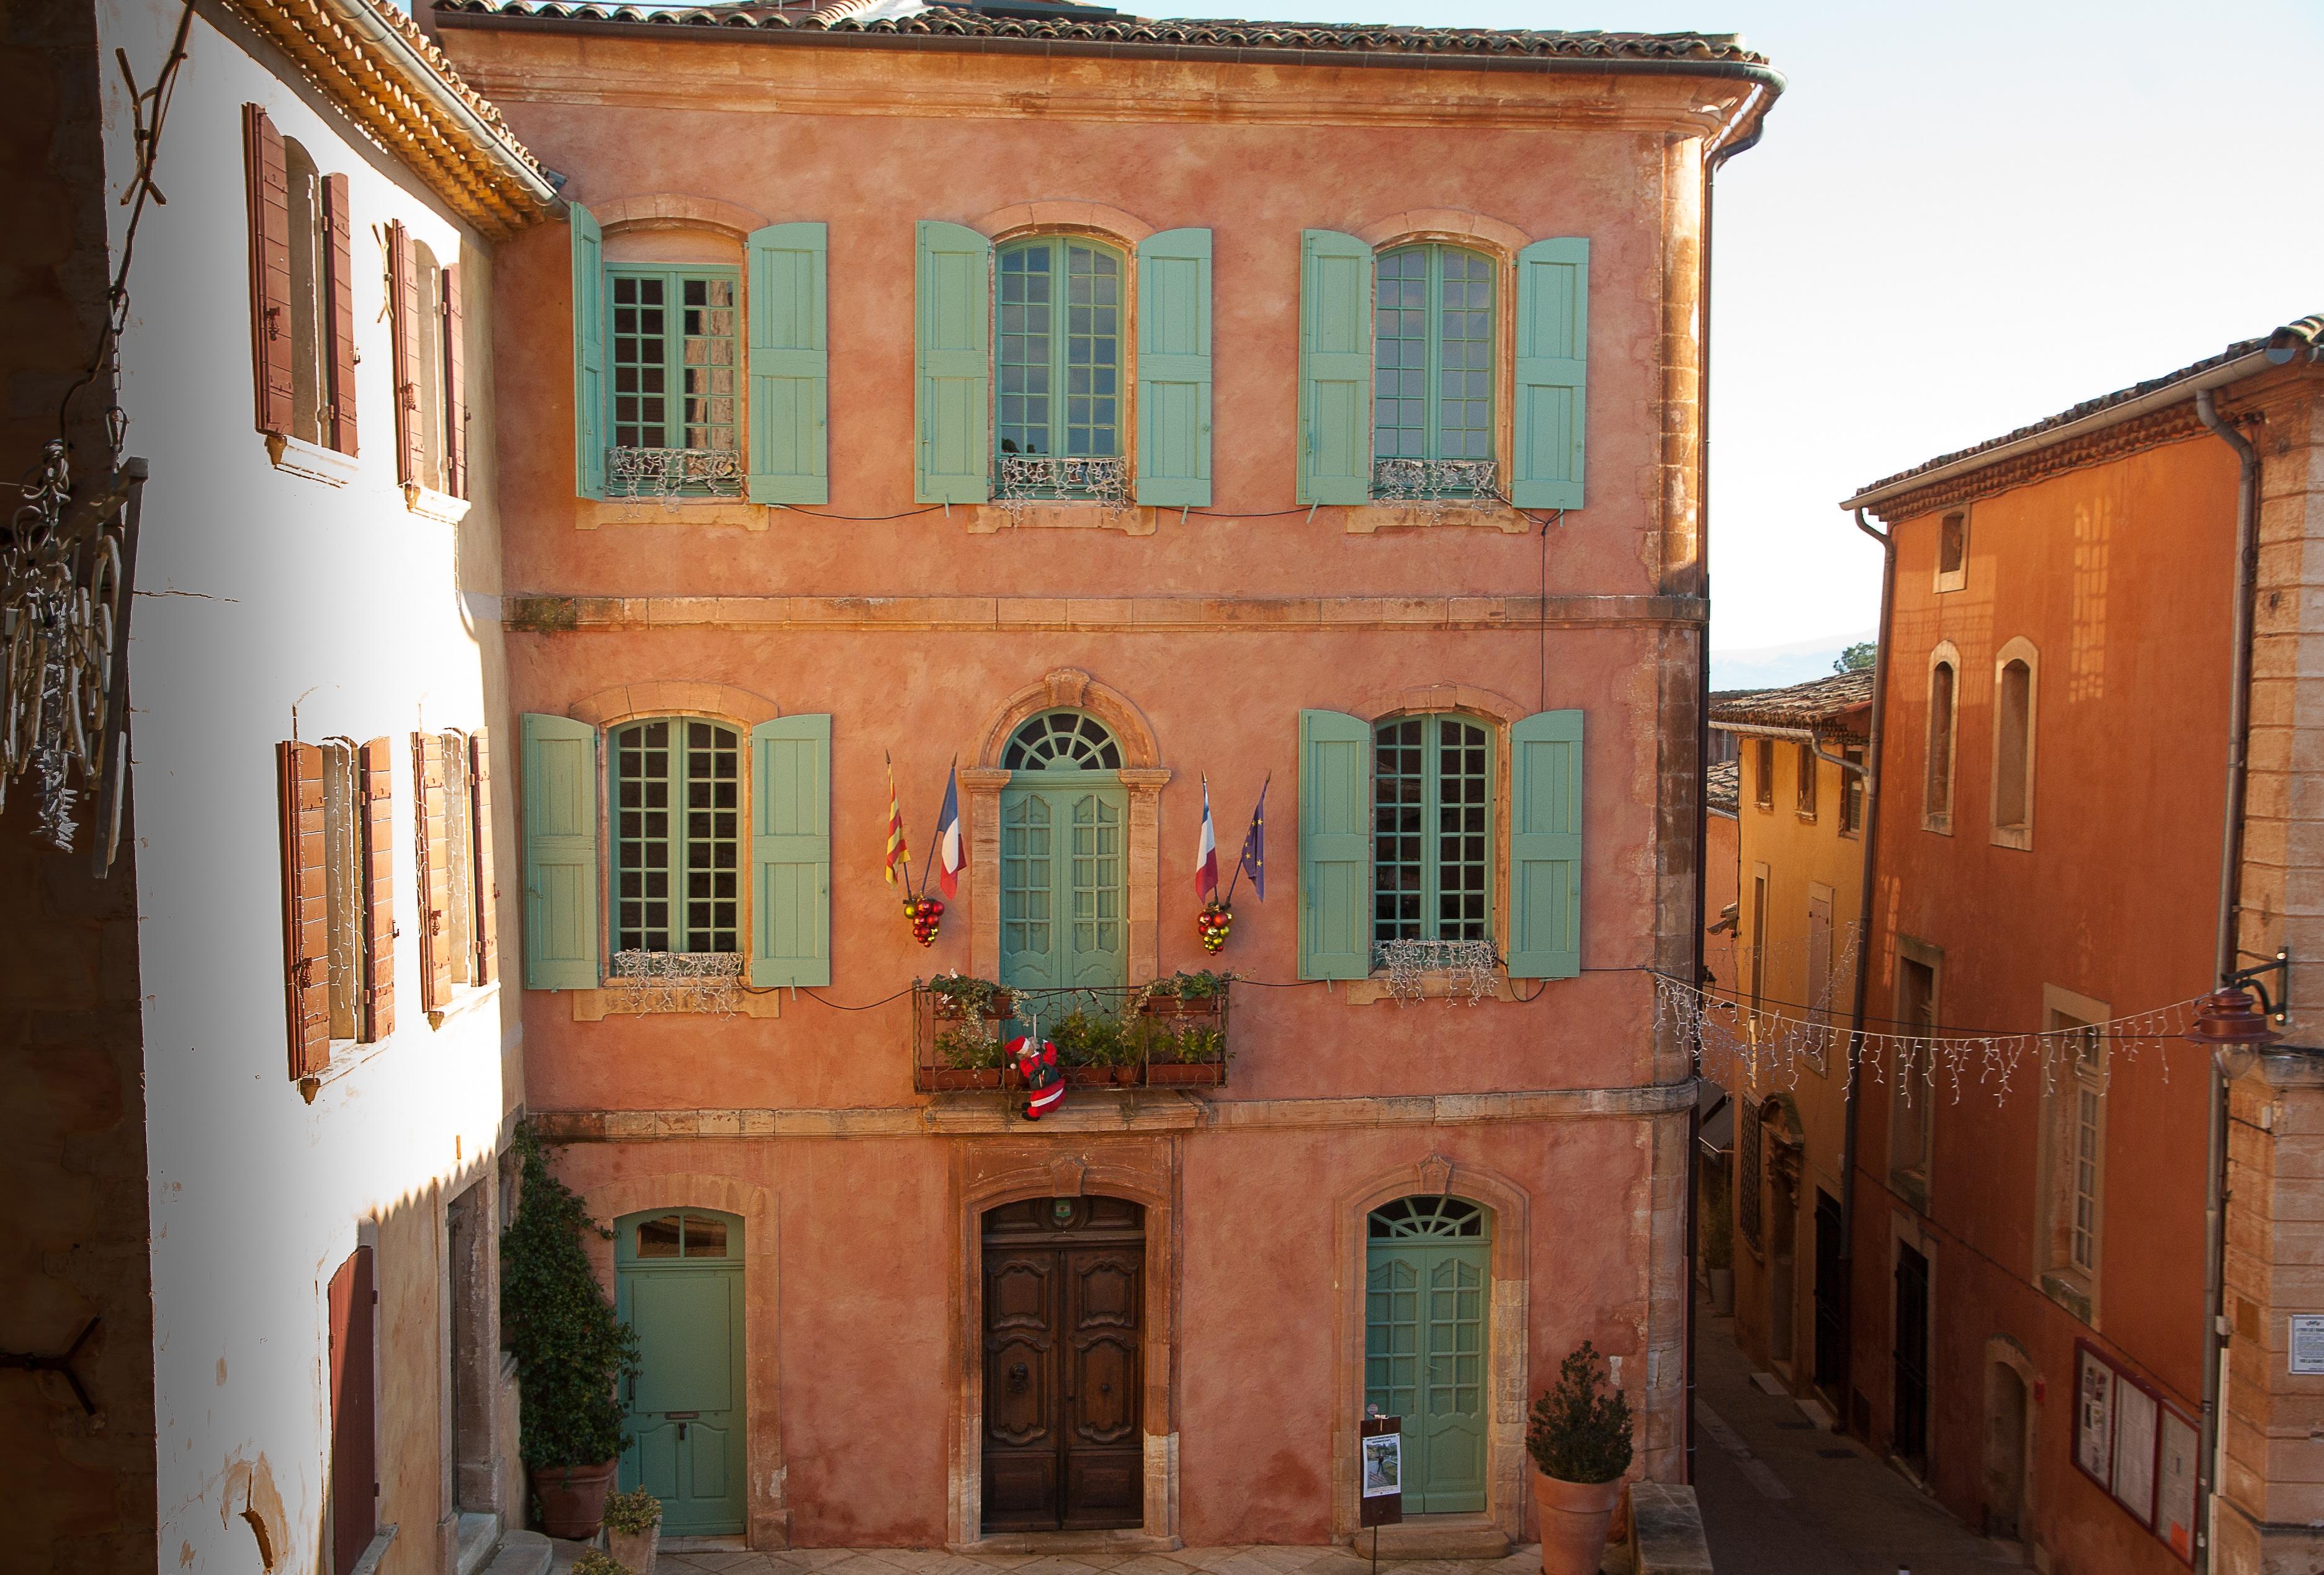 Couleur Volet En Provence images gratuites : architecture, bois, maison, fenêtre